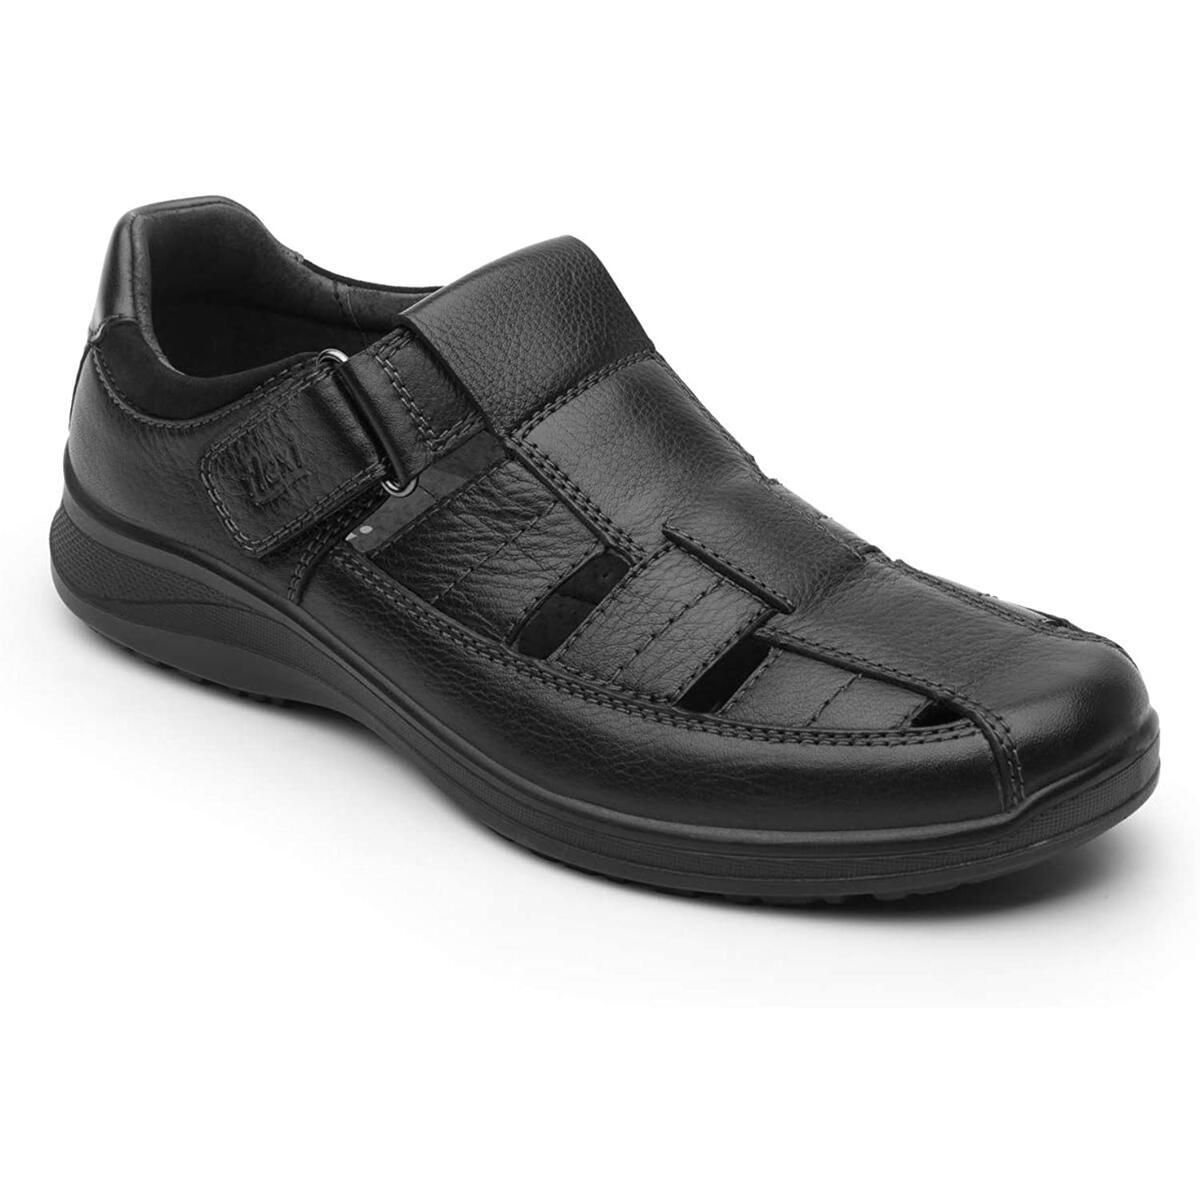 Flexi Santiago Men's Genuine Leather Semi-Closed Sandals | 50807